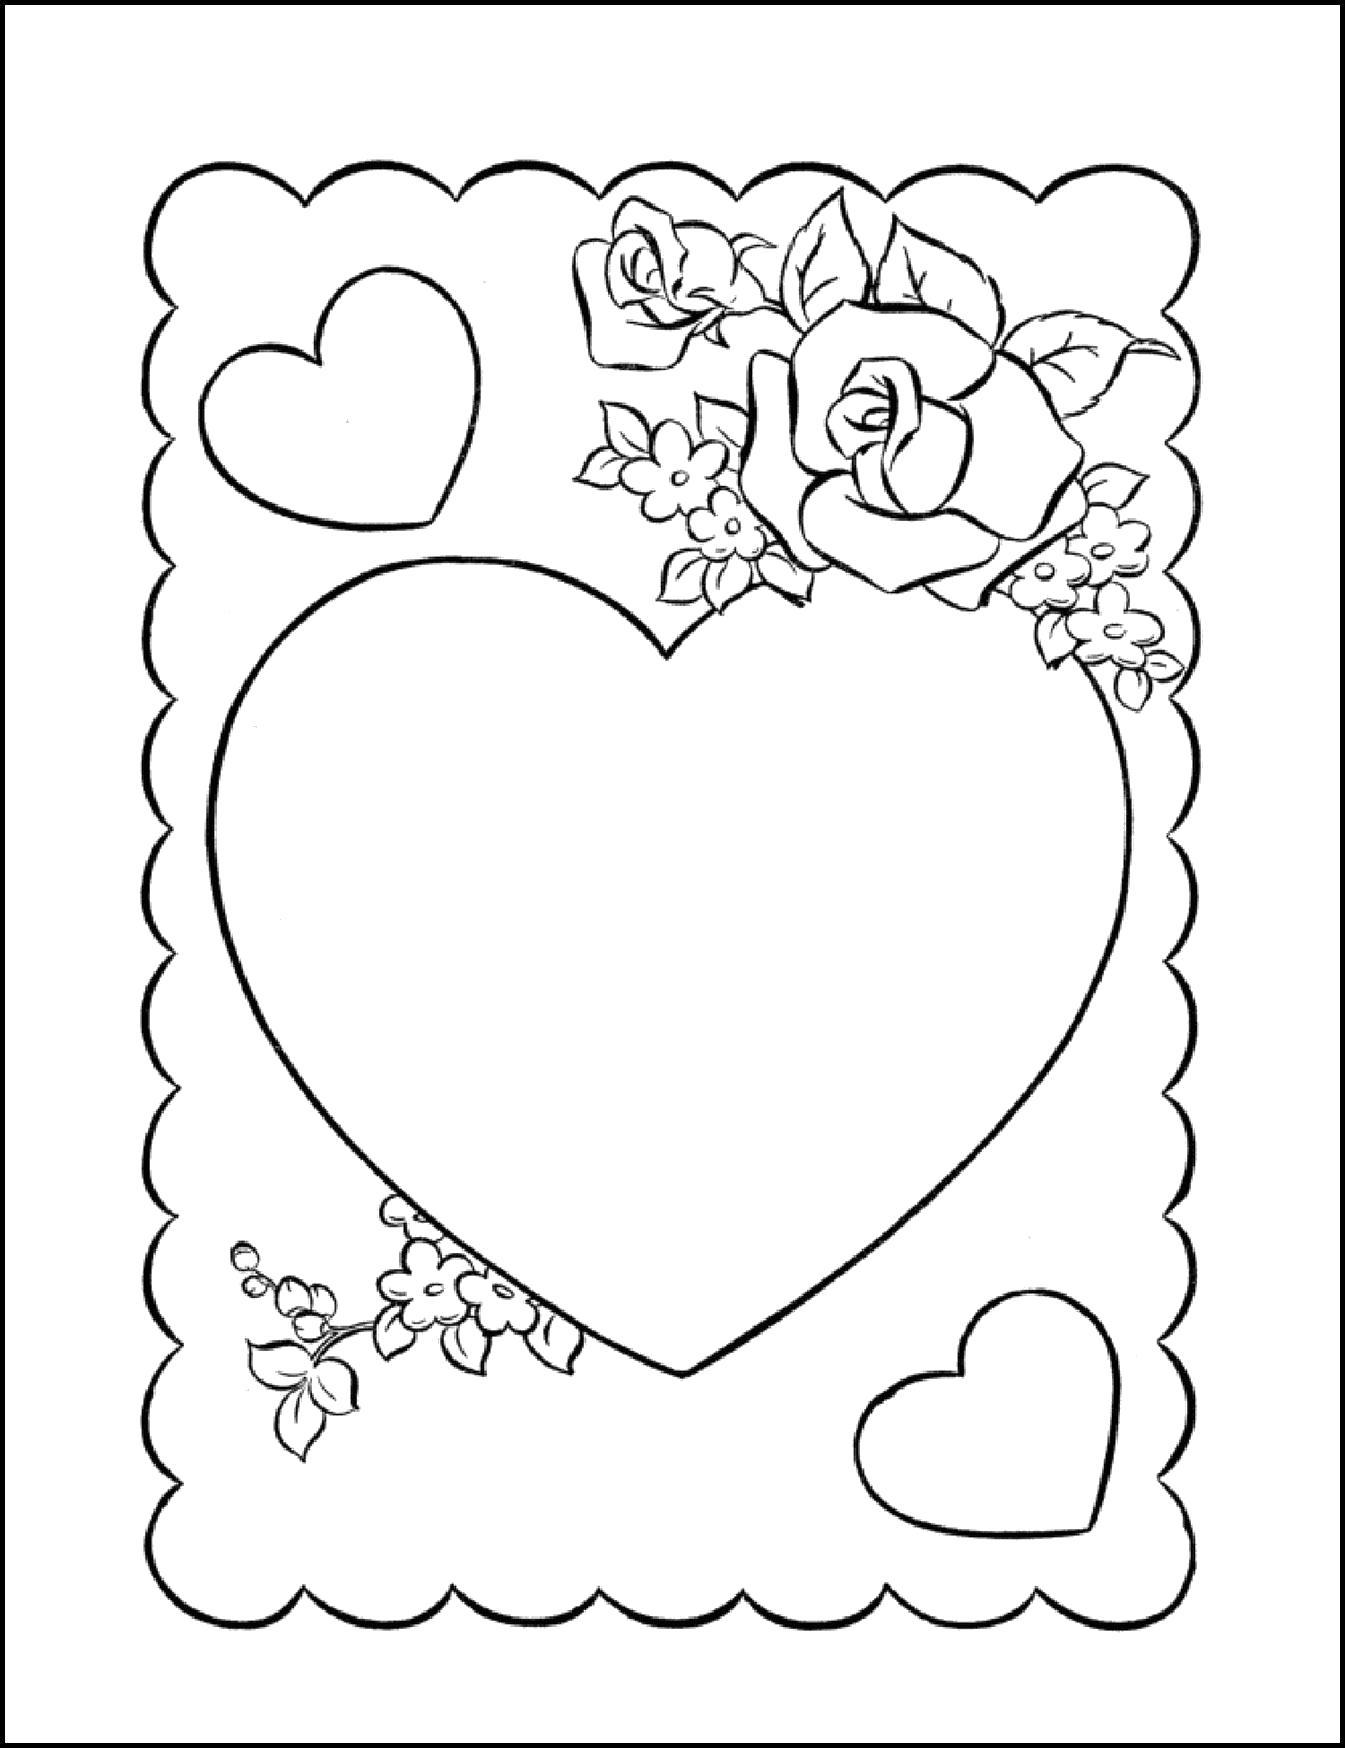 Раскраска  открытка на день влюбленных. Скачать день Святого Валентина.  Распечатать день Святого Валентина